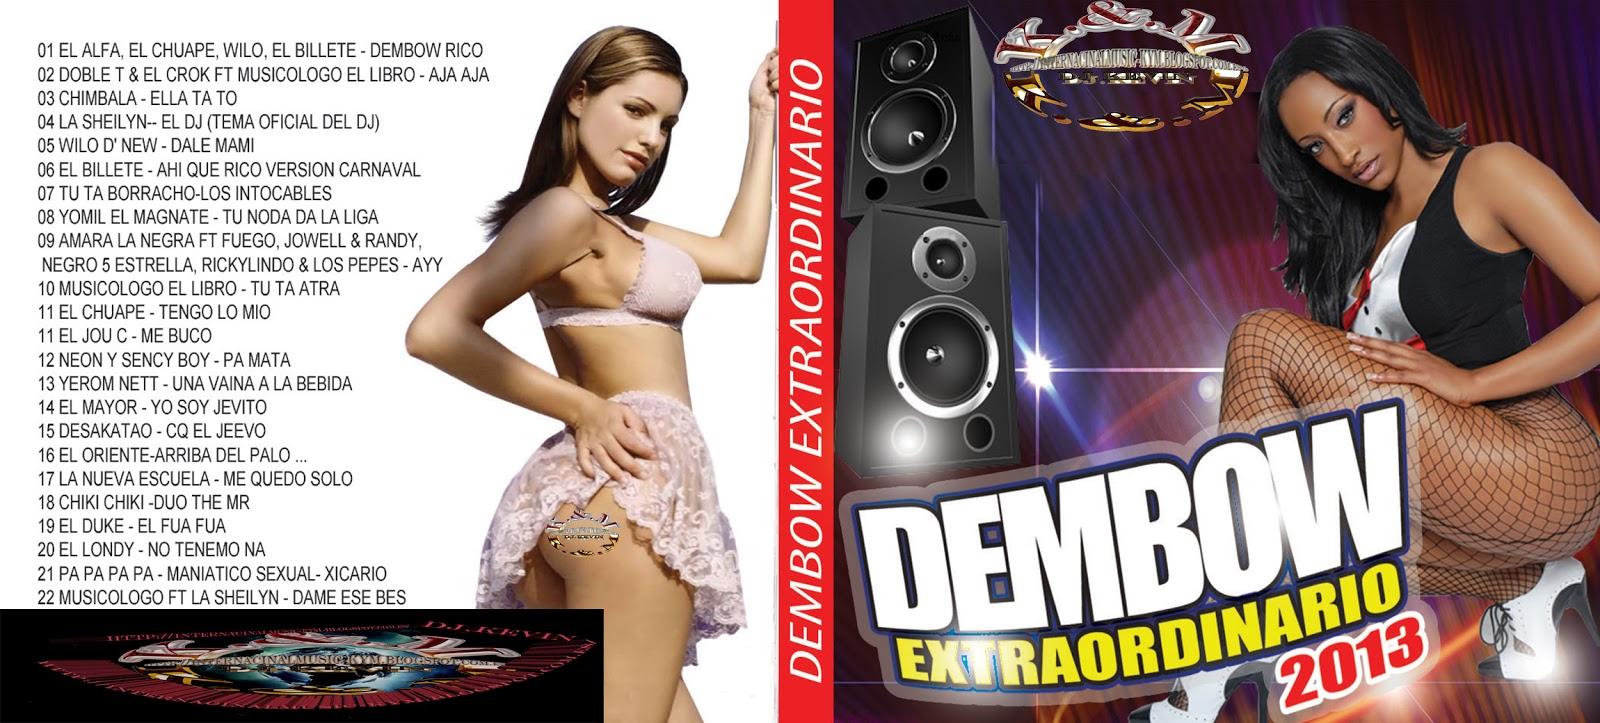 musica latina 2014 para descargar - photo#2